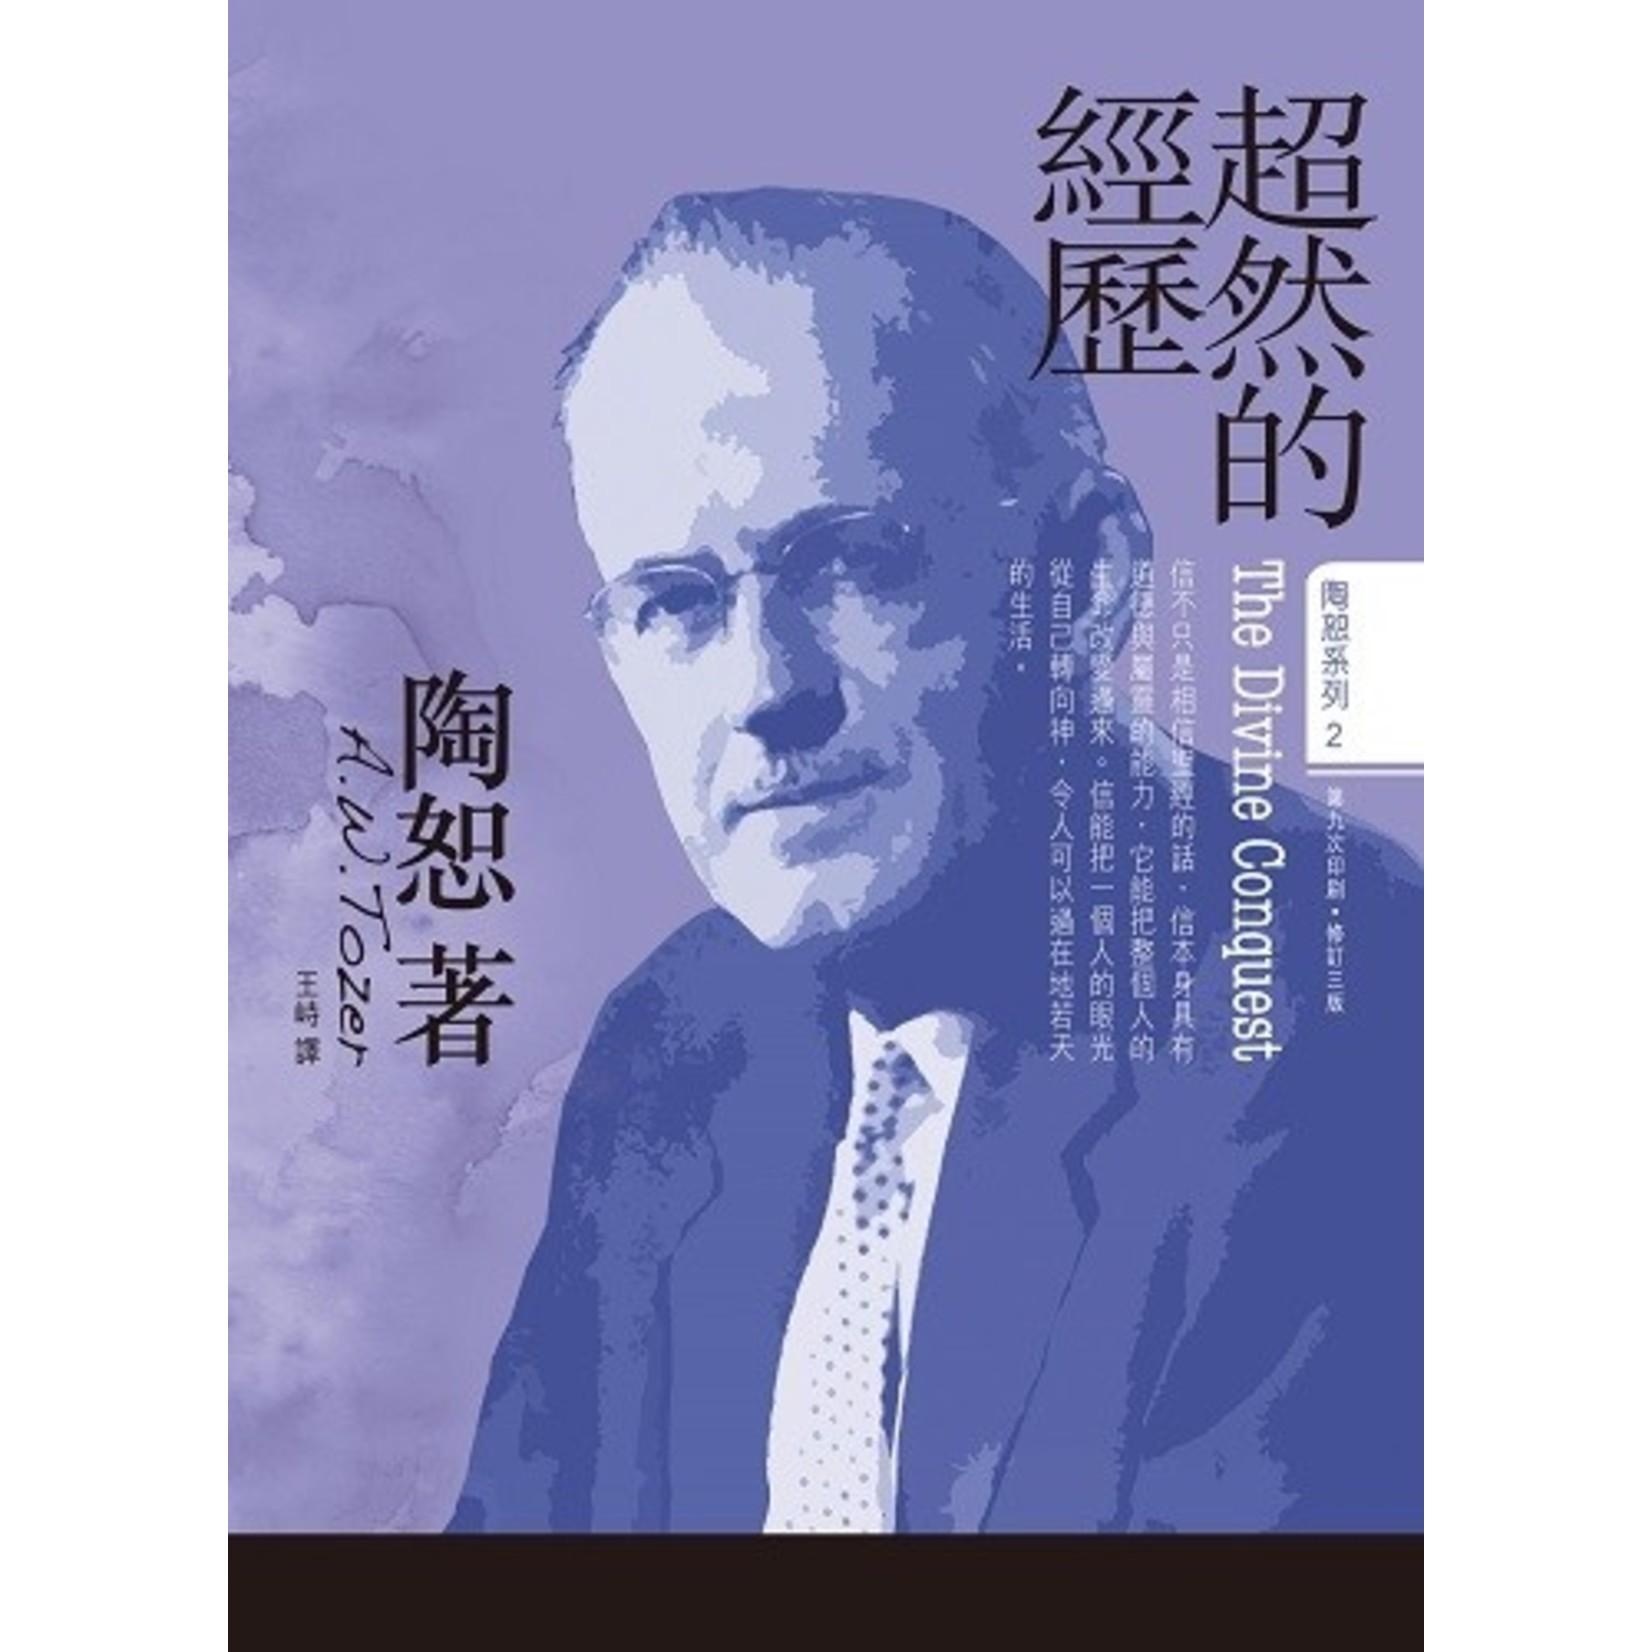 宣道 China Alliance Press 陶恕系列02:超然的經歷(修訂版) The Divine Conquest